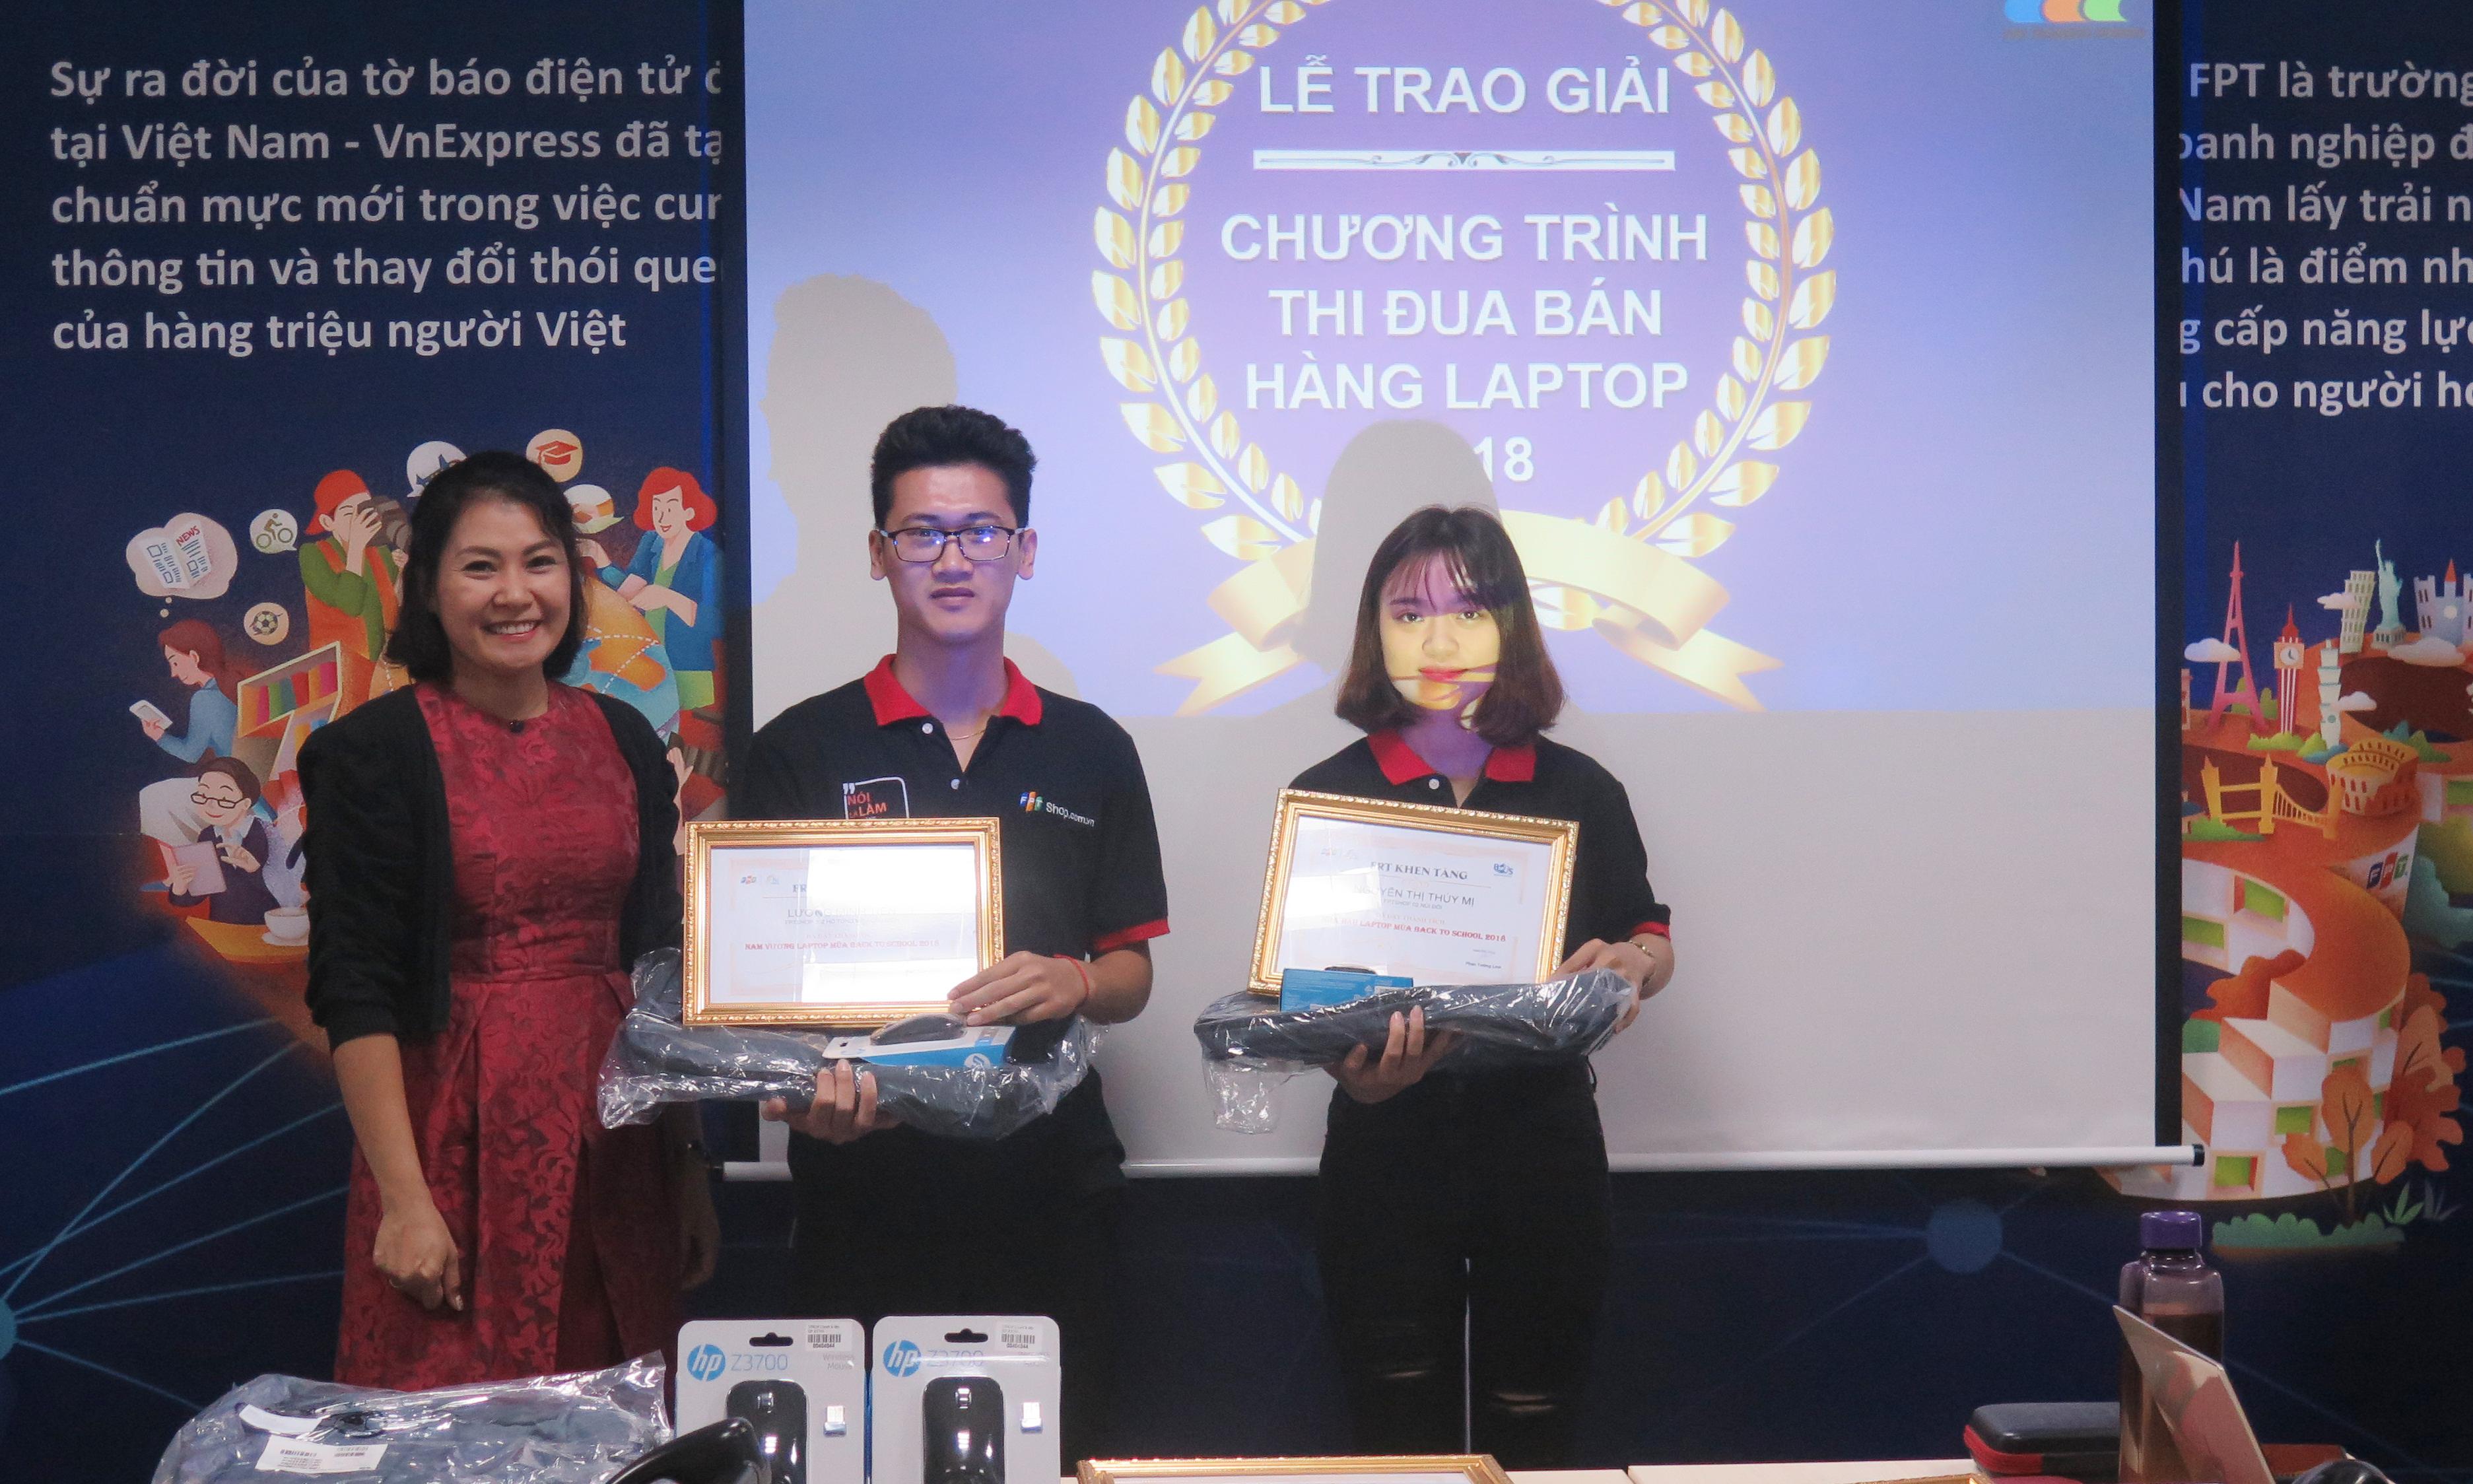 Giải Nam vương laptop được trao cho Lương Minh Tiến (FPT Shop 302 Hồ Tùng Mậu). Hoa hậu laptop gọi tên Nguyễn Thị Thúy Mị (FPT Shop Núi Đôi 2, Sóc Sơn).